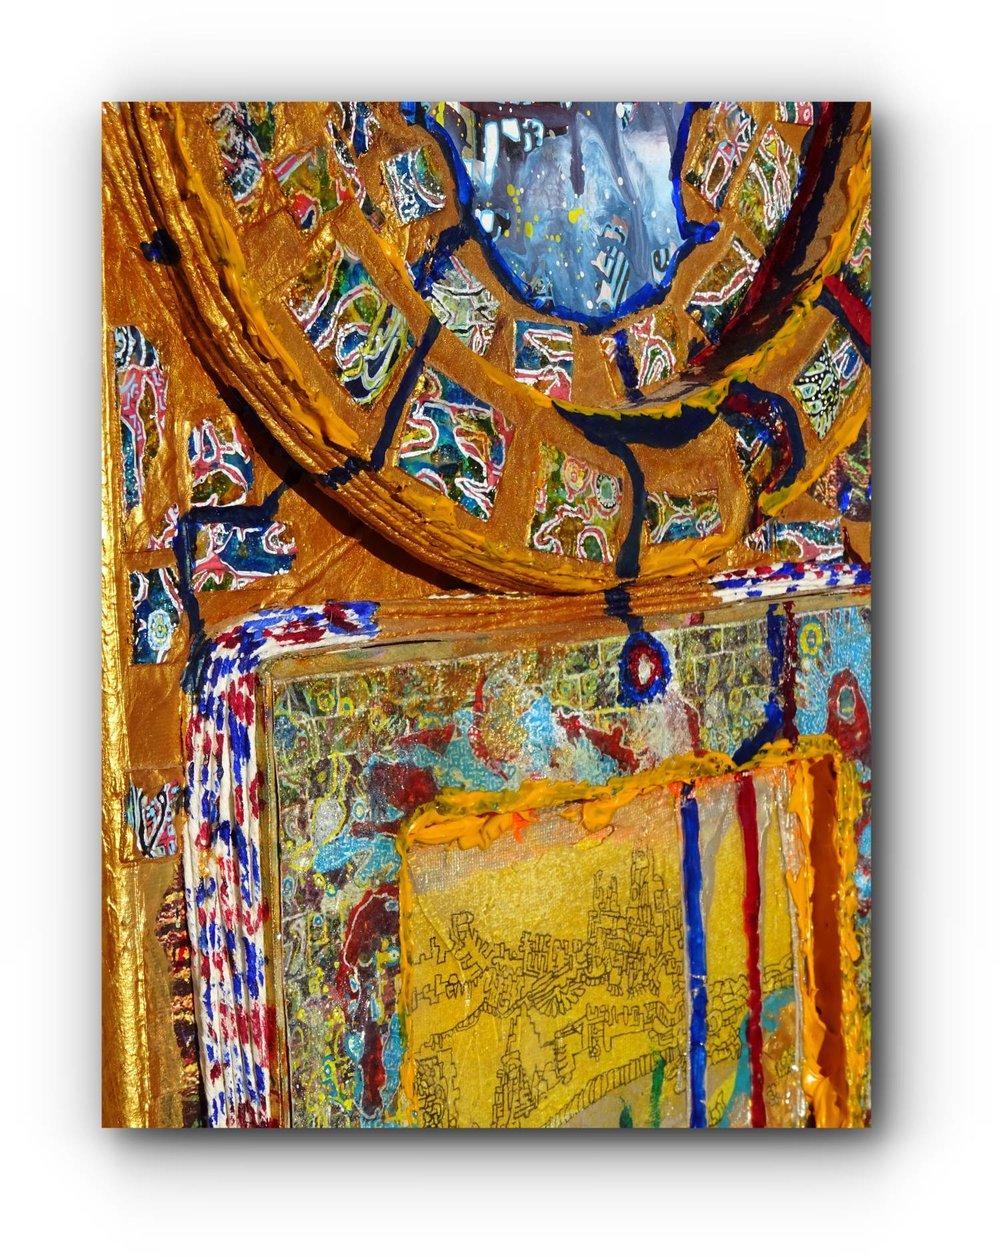 painting-detail-7-receiver-artist-duo-ingress-vortices.jpg